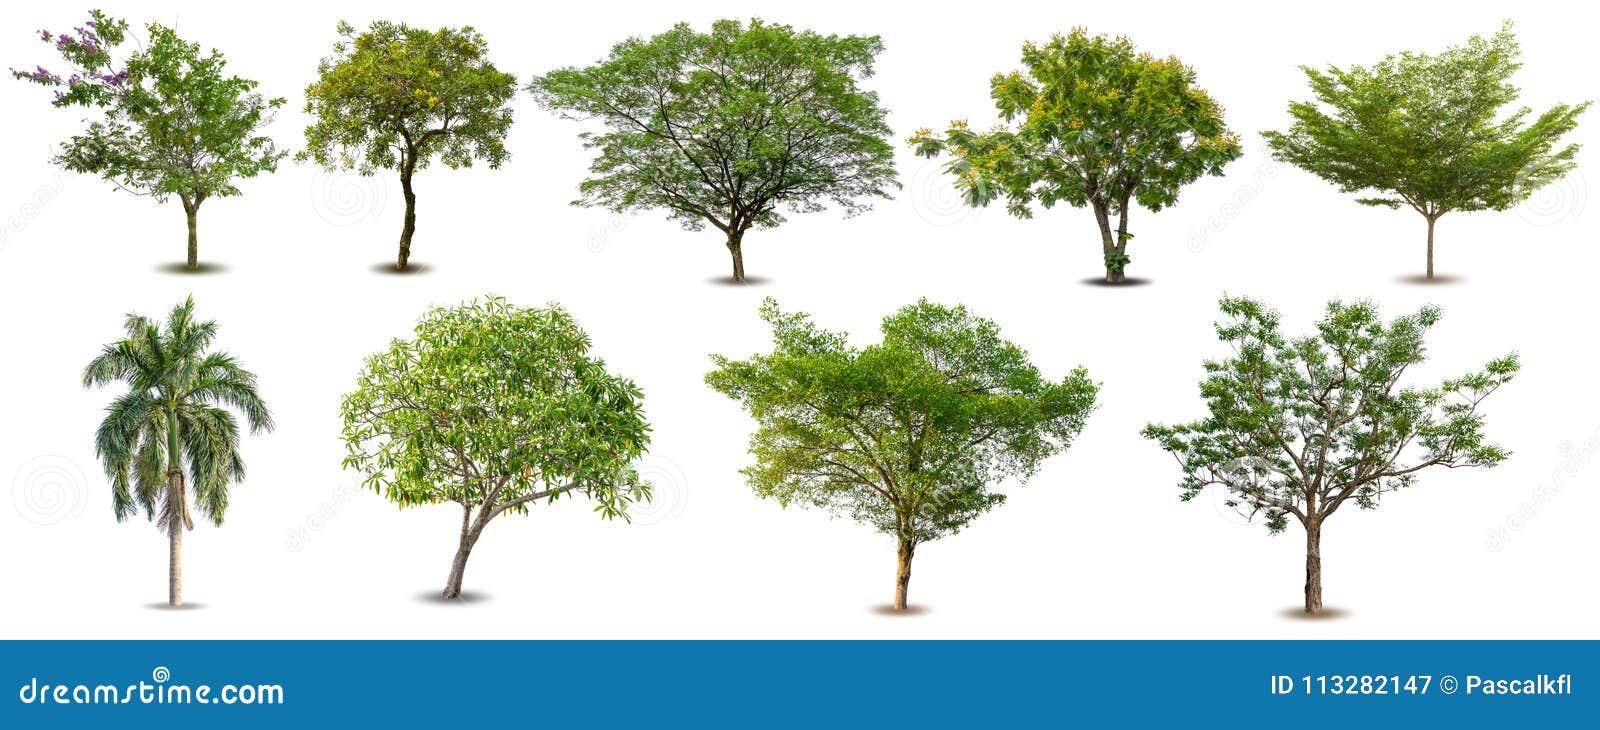 Inzameling van Geïsoleerde Bomen op witte achtergrond, Reeks groene die bomen op witte achtergrond wordt geïsoleerd